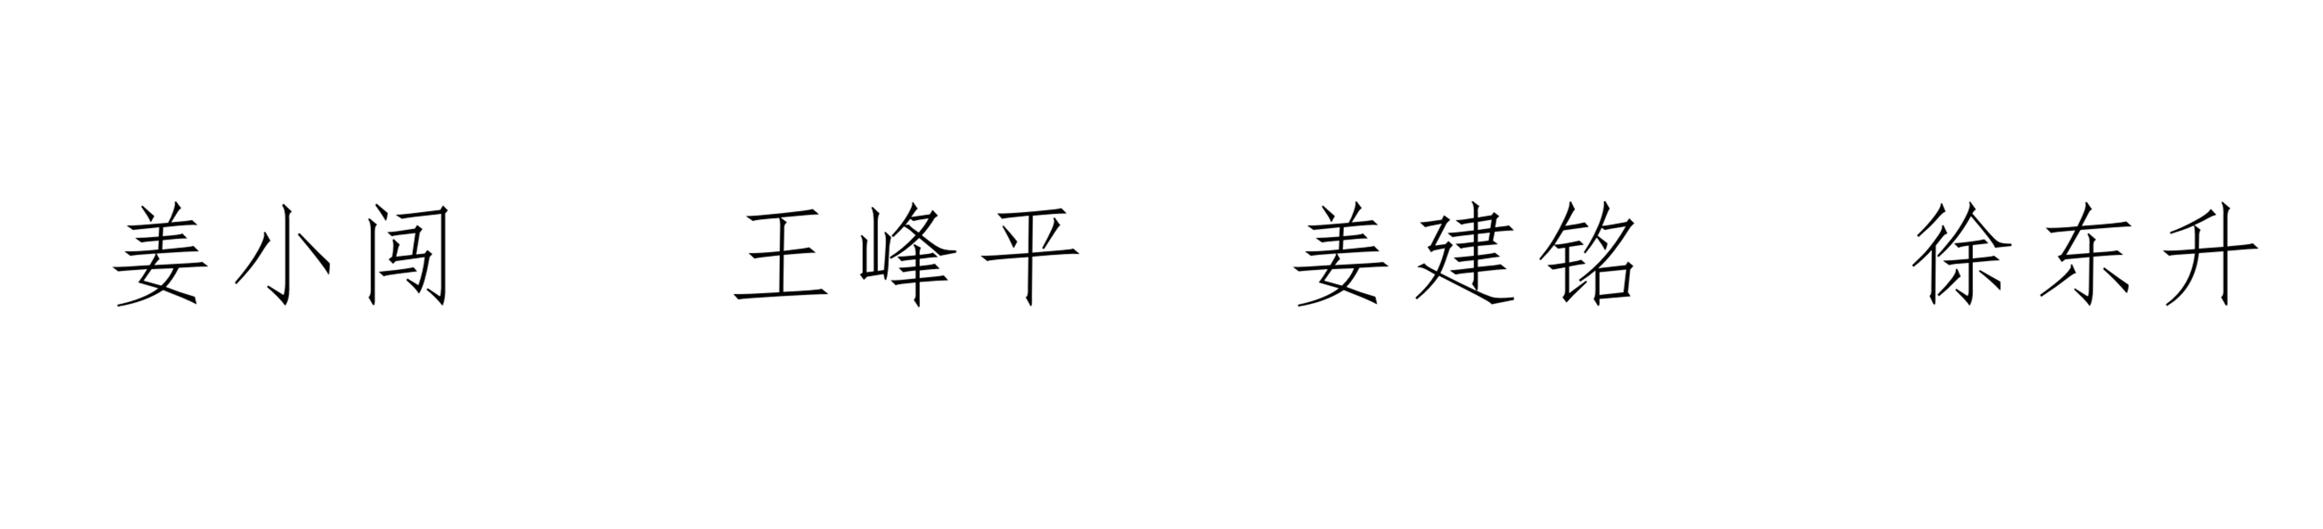 11副秘书长名单(草案1.23)_01_副本.png